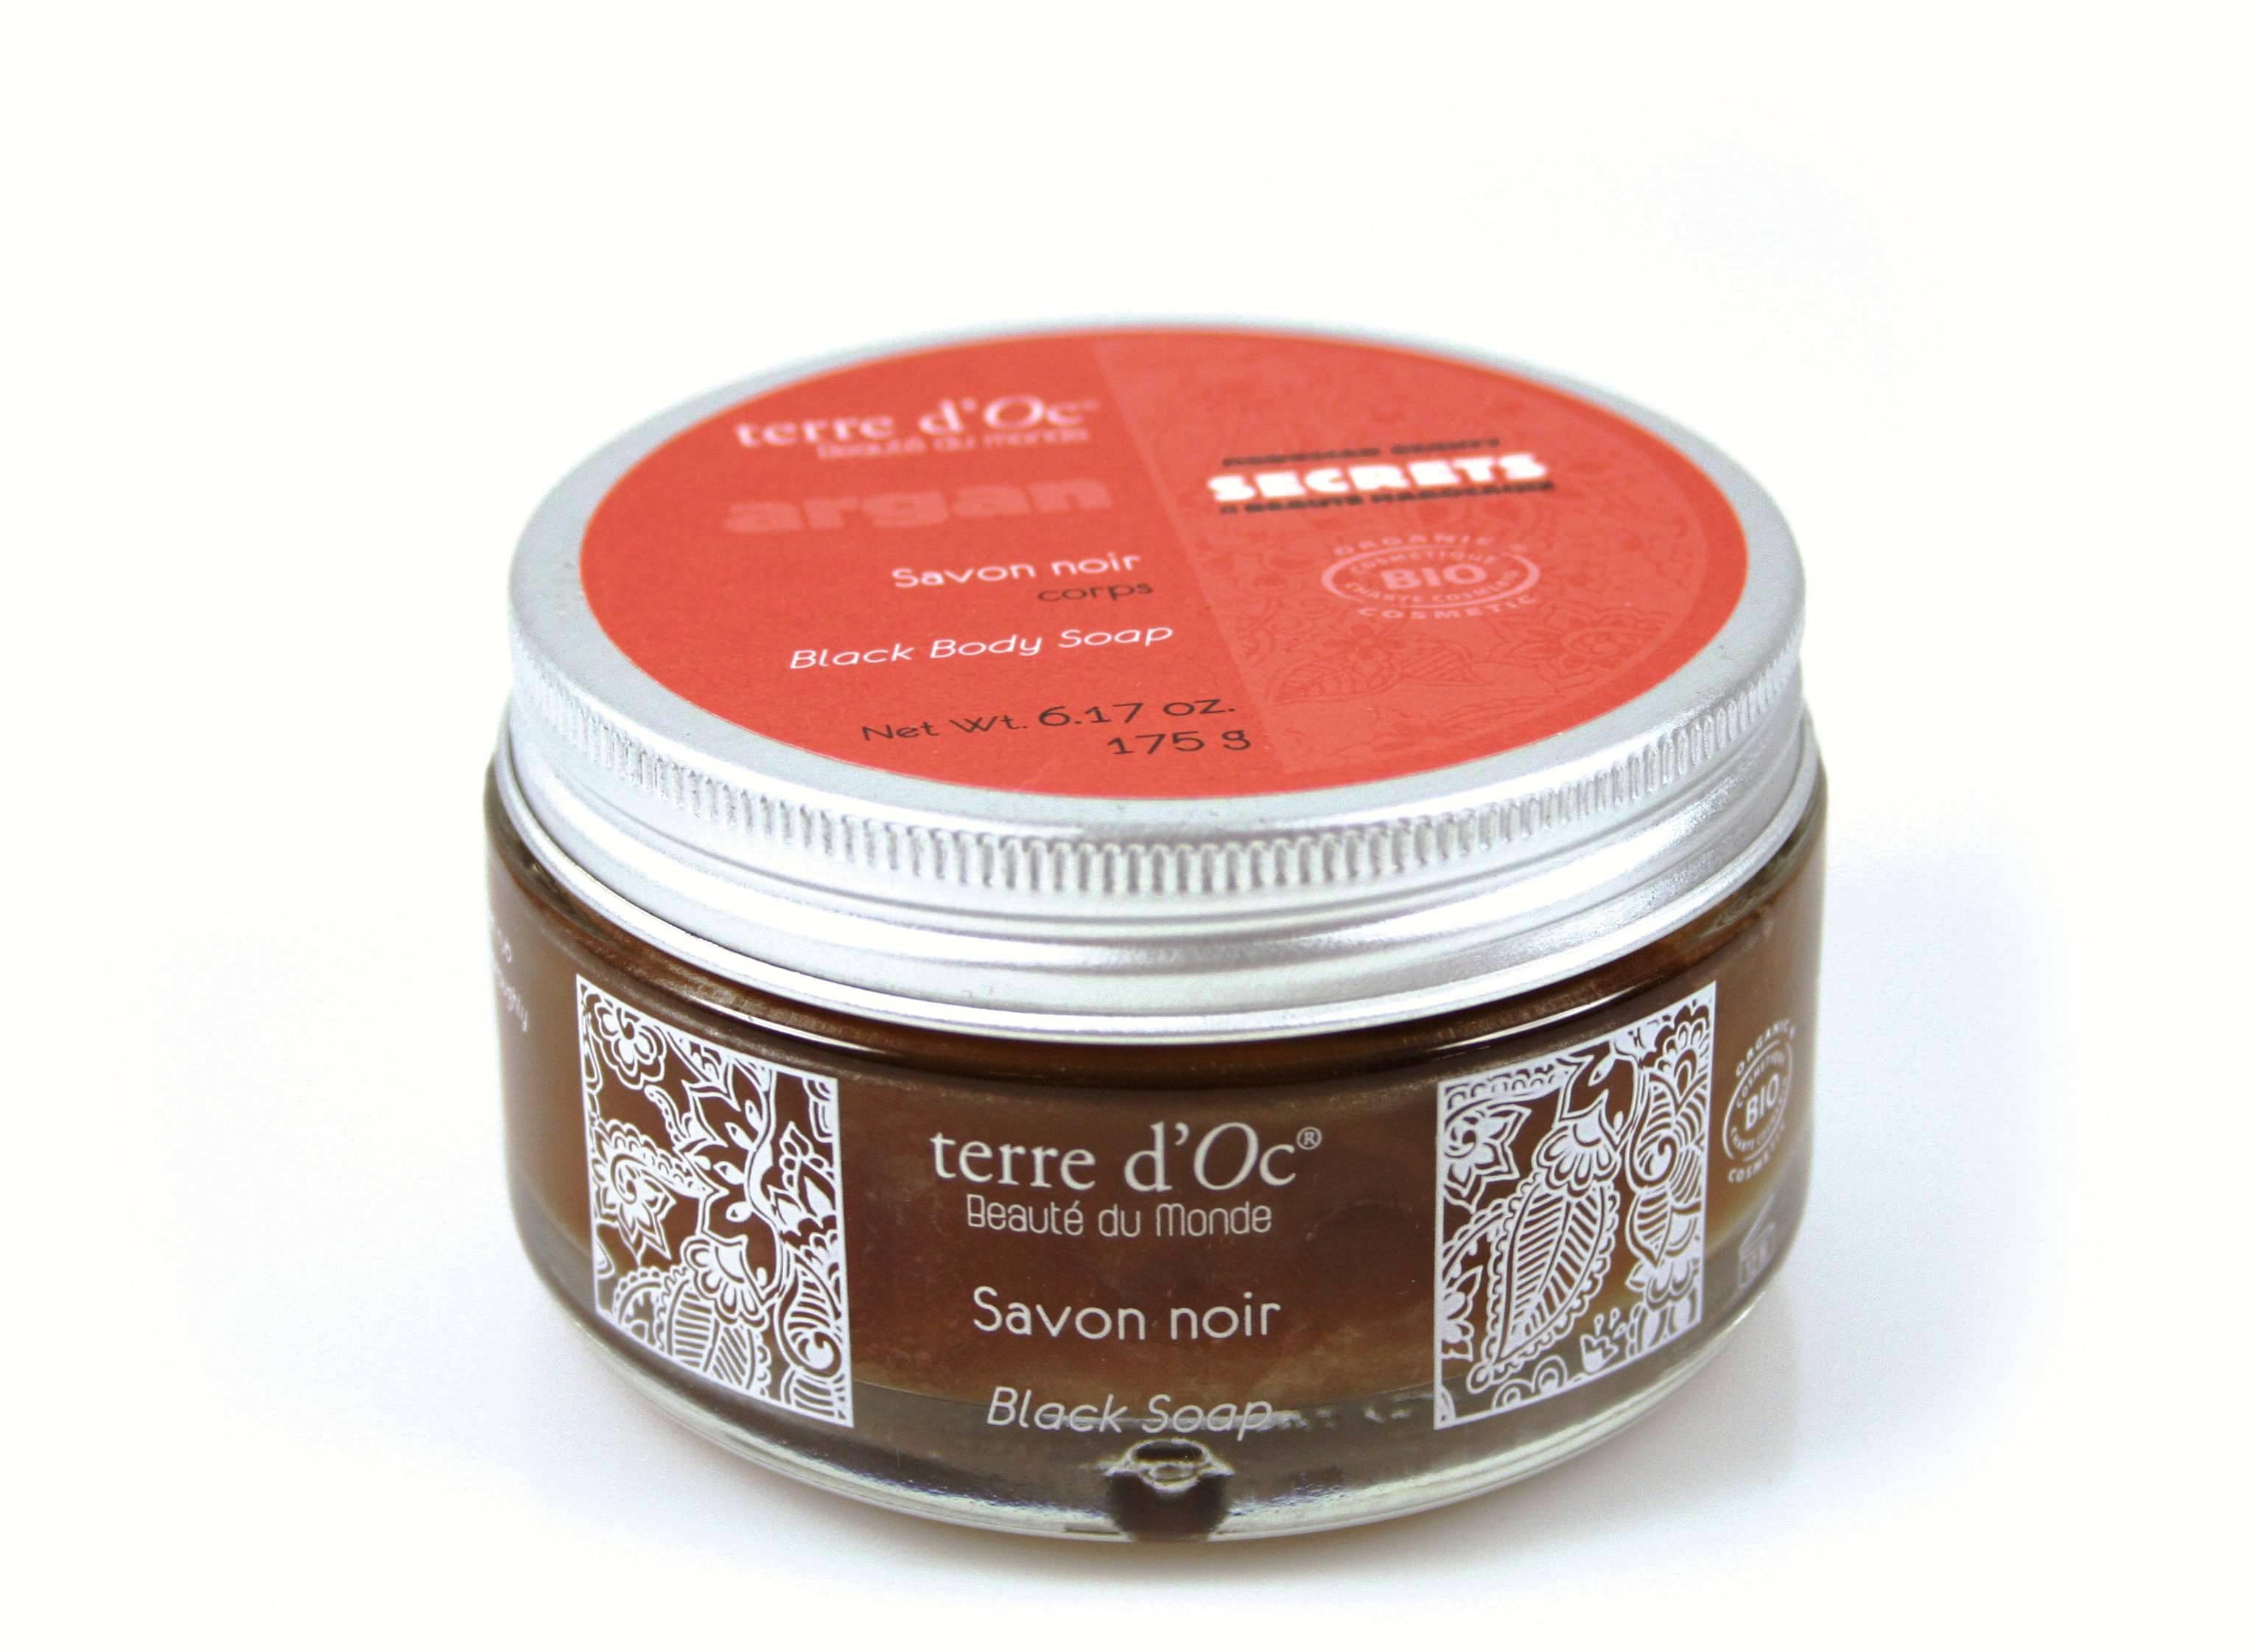 Økologisk black argan soap fra terre d'Oc